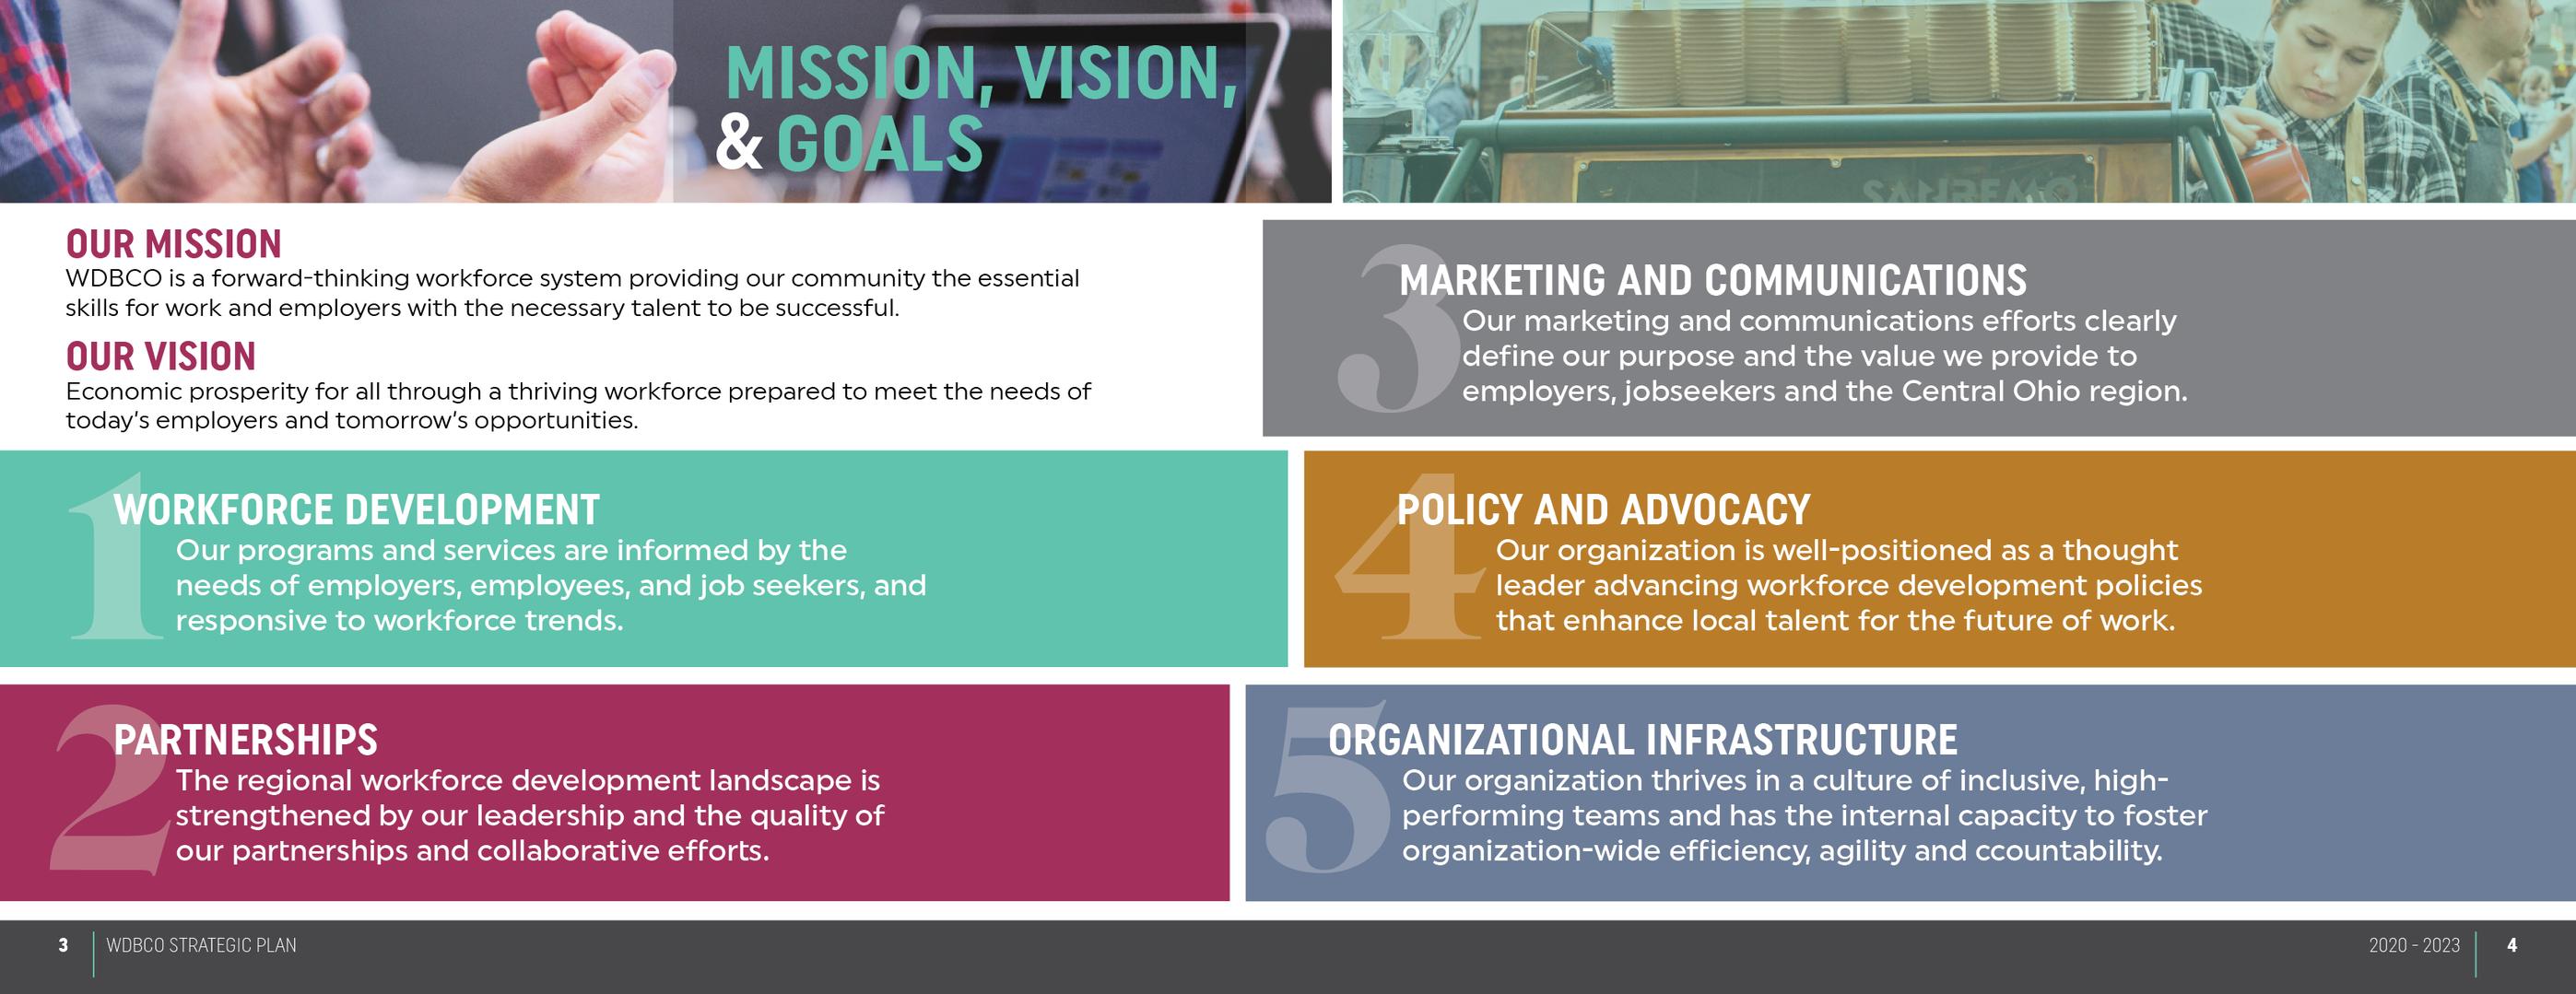 Mission, Vision, & Goals